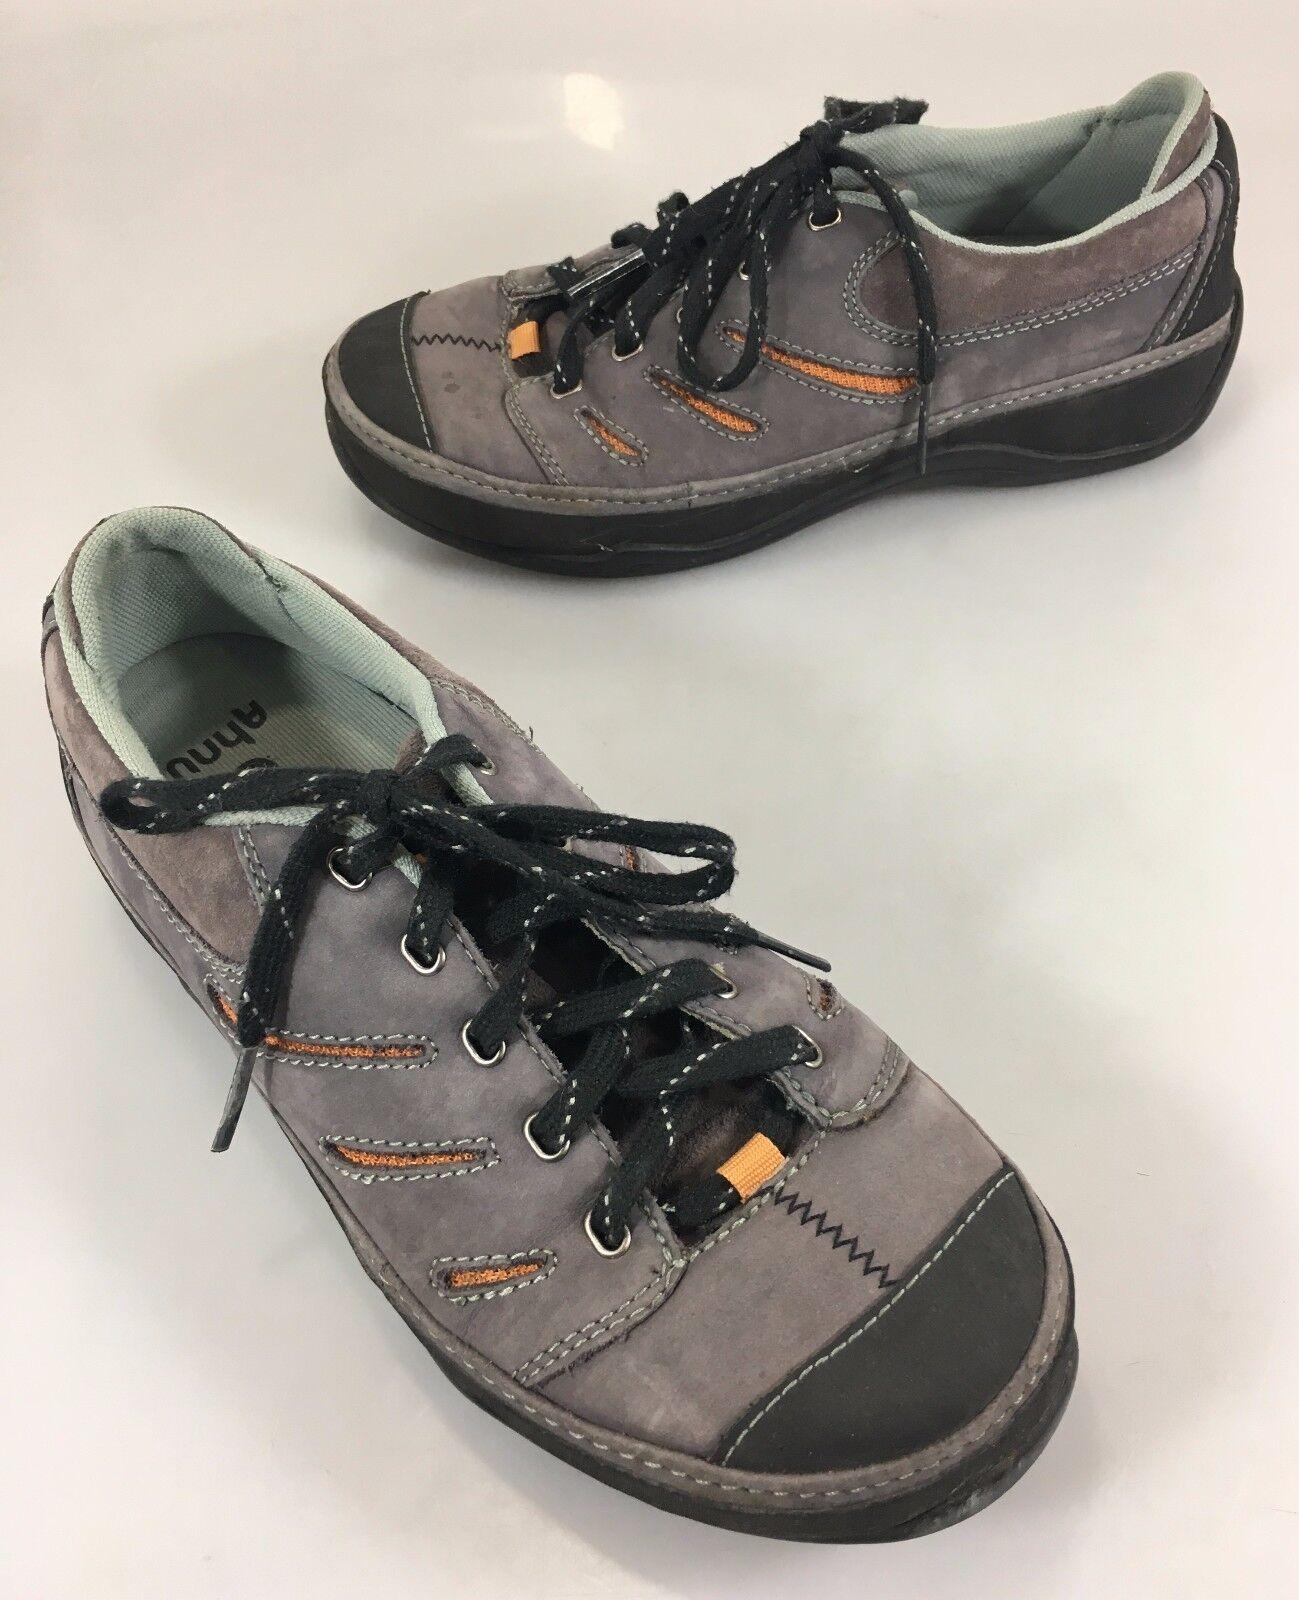 Ahnu Damenschuhe 8.5 Gray Suede Cut-Out Walking Gym Schuhes 39.5EU